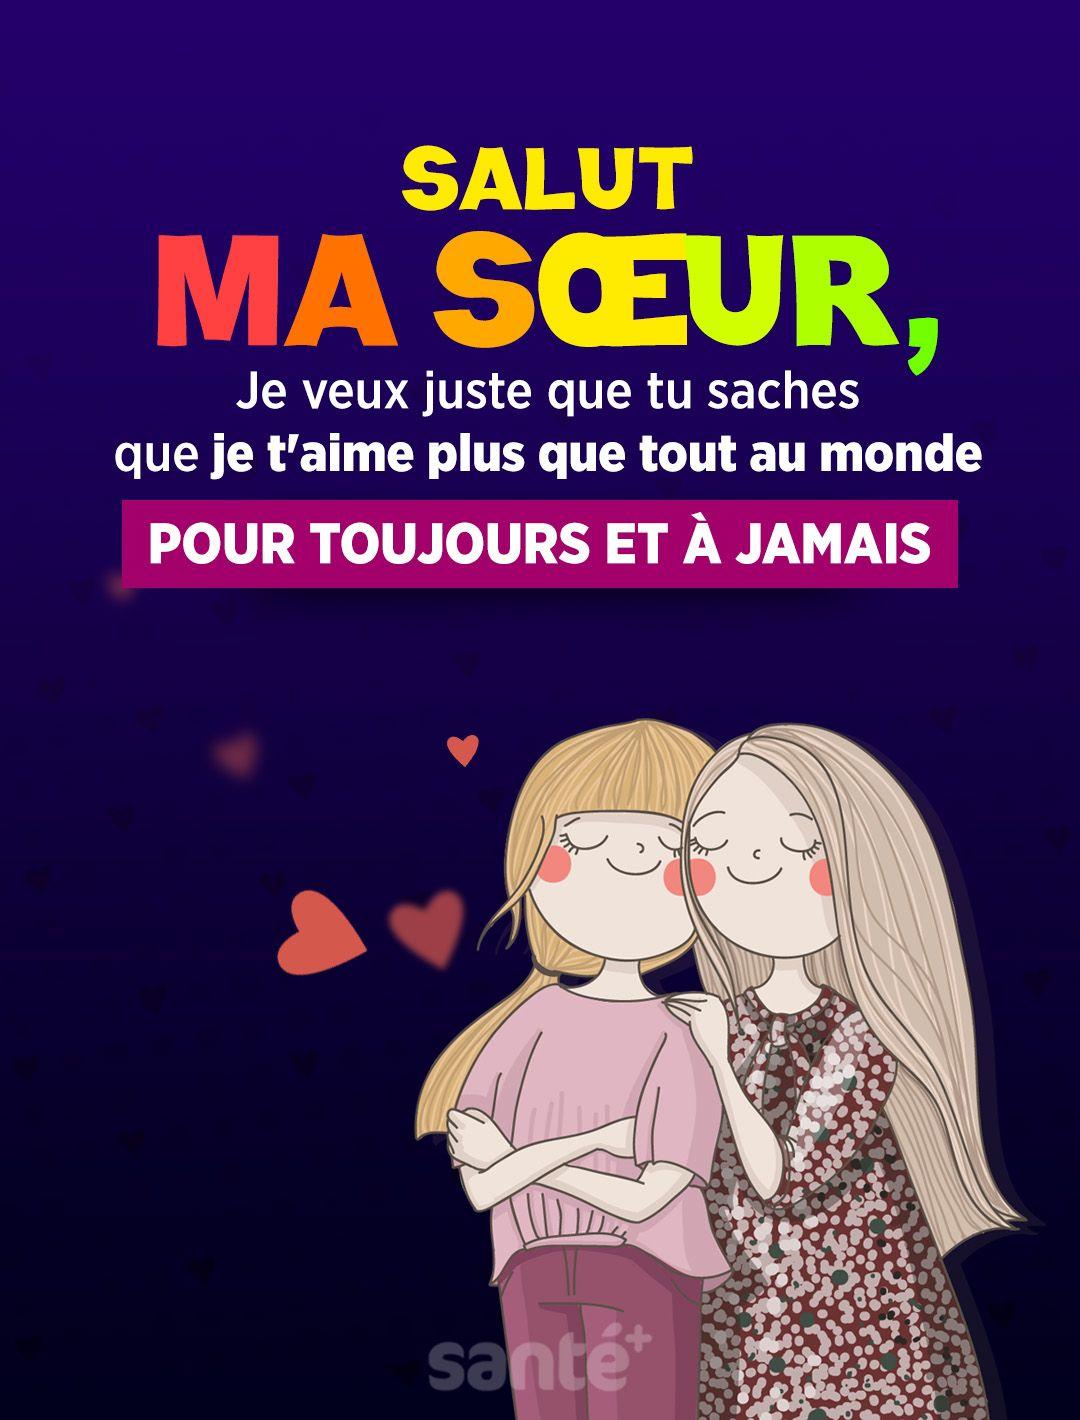 Je Suis Amoureux De Ma Soeur : amoureux, soeur, Salut, Sœur,, Juste, Saches, T'aime, Monde, Toujours, Citation, Frere, Soeur,, Poeme